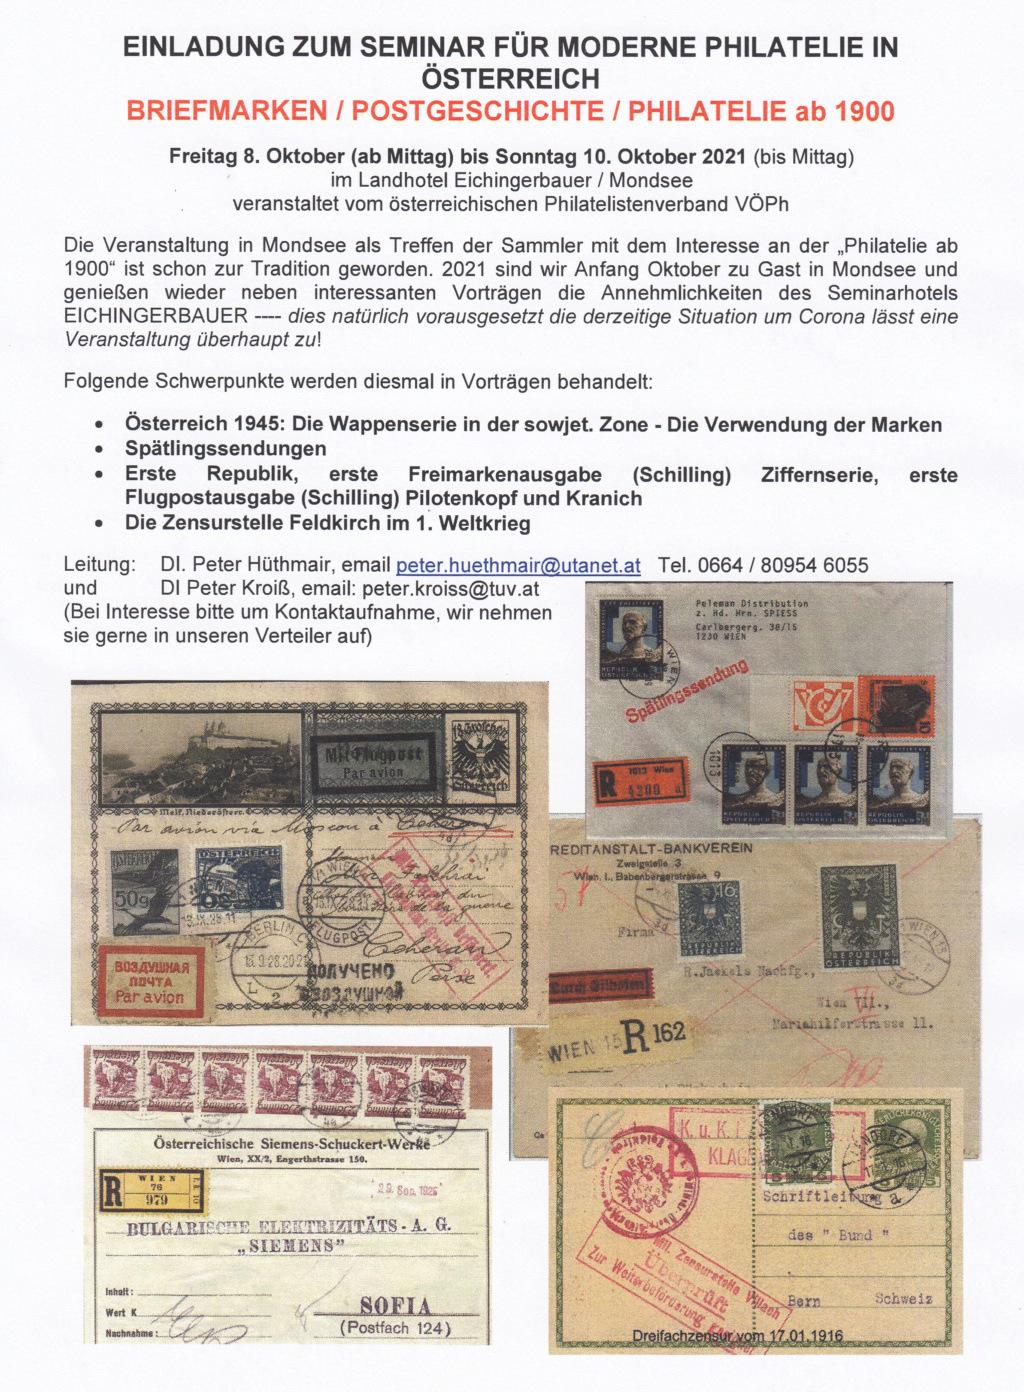 Seminar für moderne Philatelie ab 1900 vom 08. - 10.10.2021 in Mondsee Img_0080